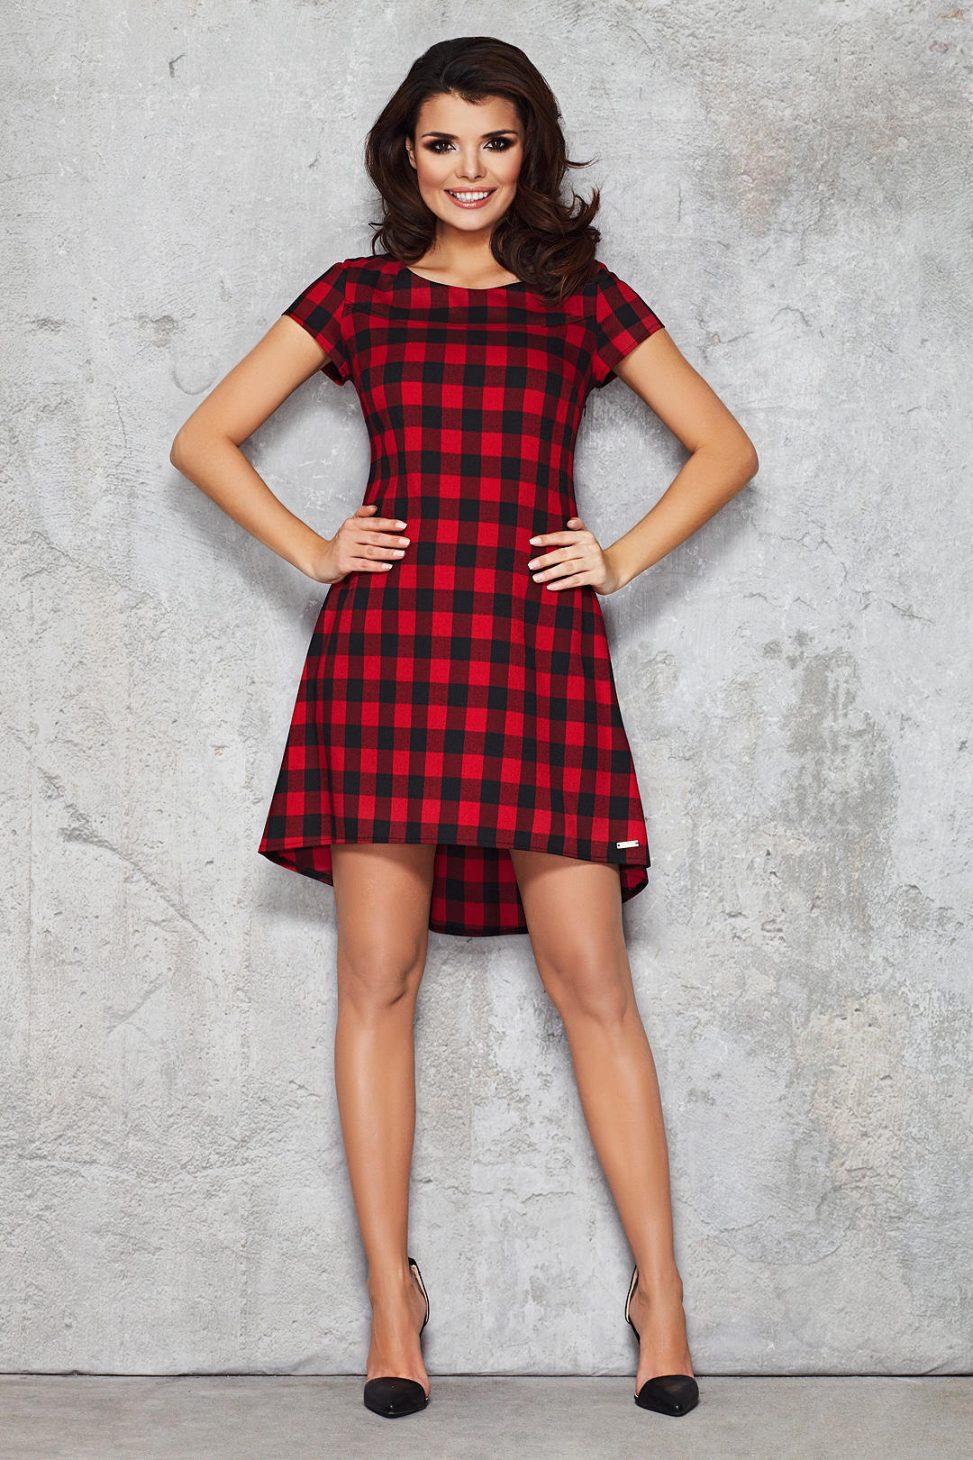 sukienka w kratę czerwono czarna dłuższy tył